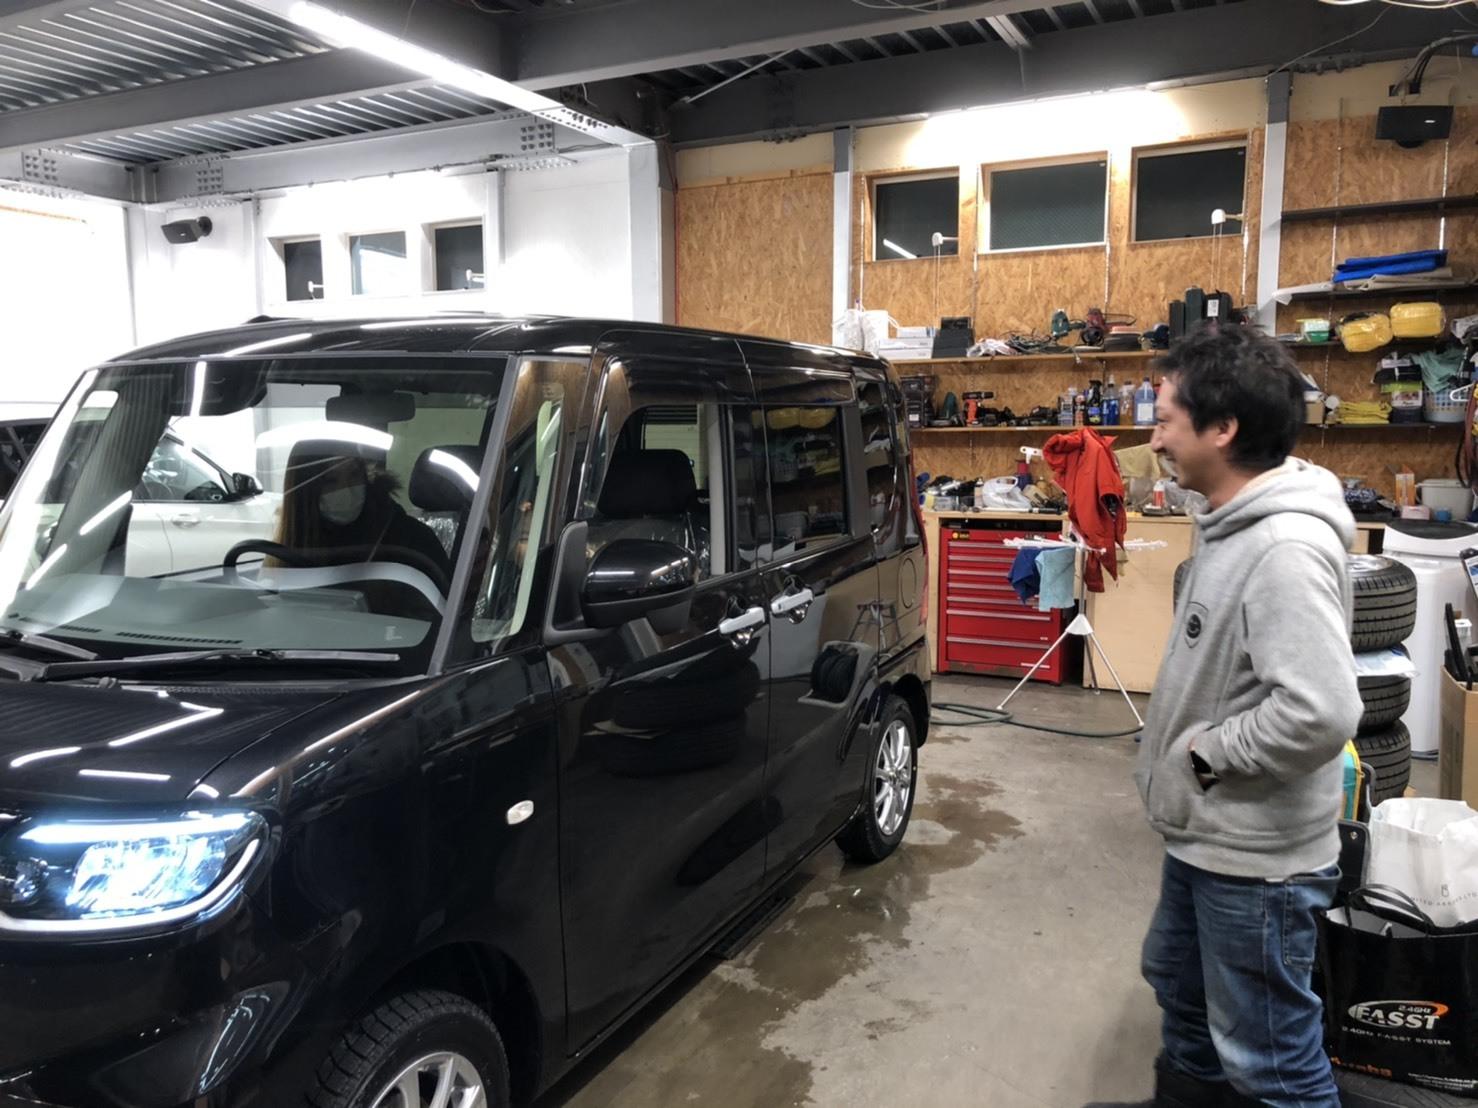 1月25日(日)O様新車タント納車☆エスカレード ゼロデザインあります✊レクサス ランクル ハマー TOMMY_b0127002_19003777.jpg